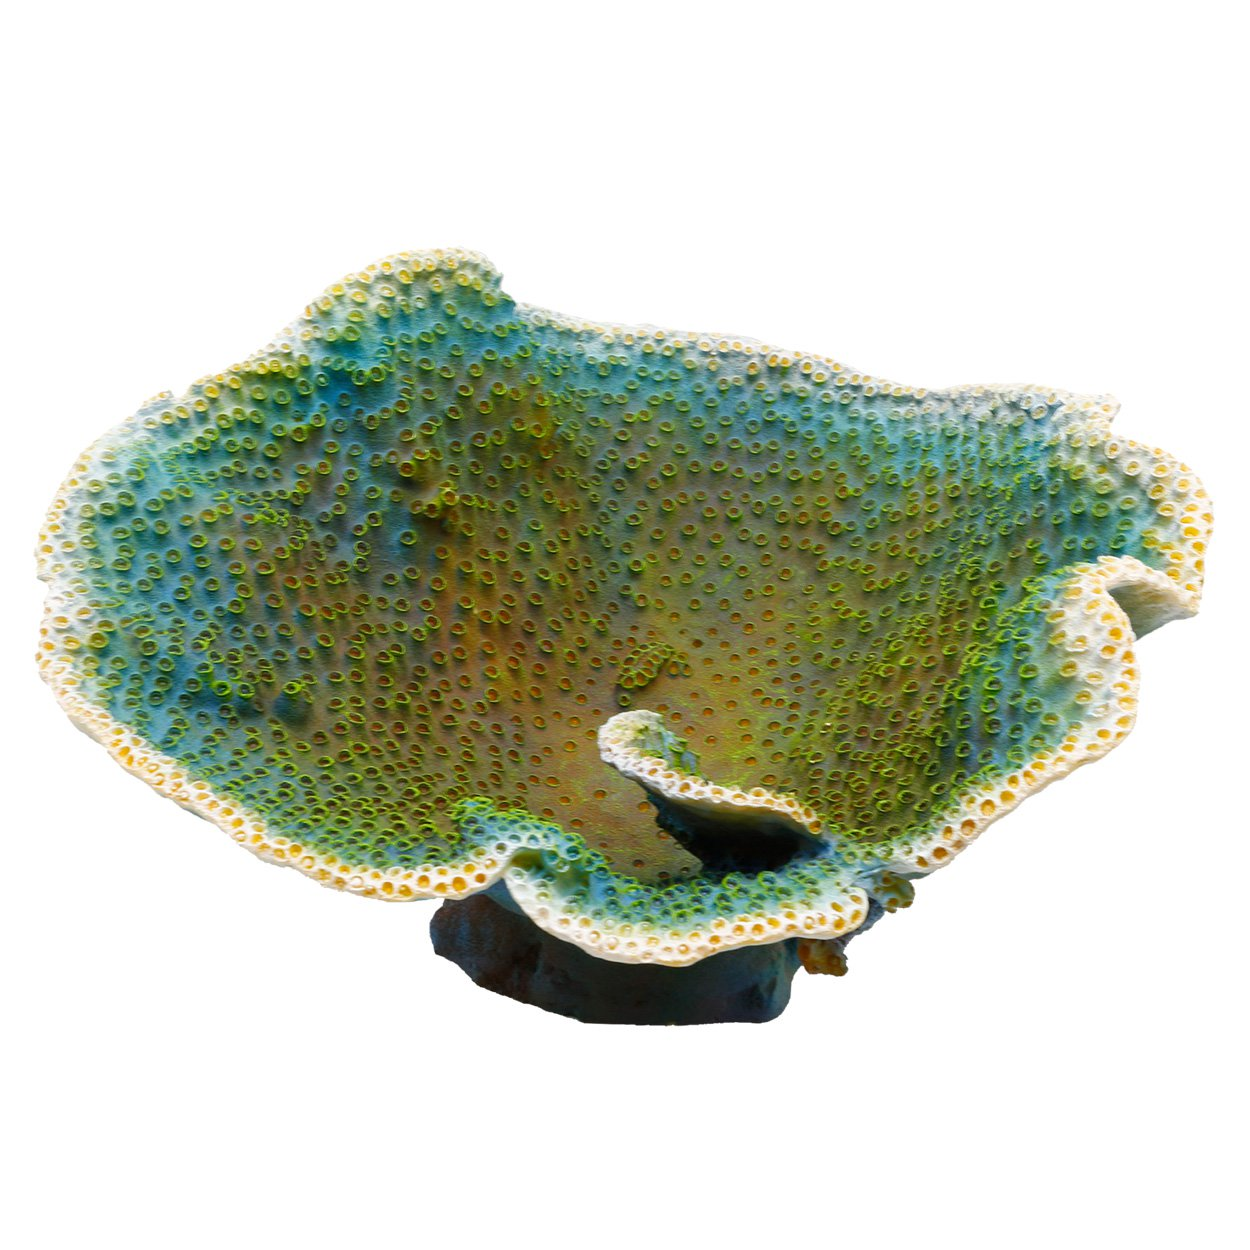 Underwater Treasures Dinner Plate Coral - Green